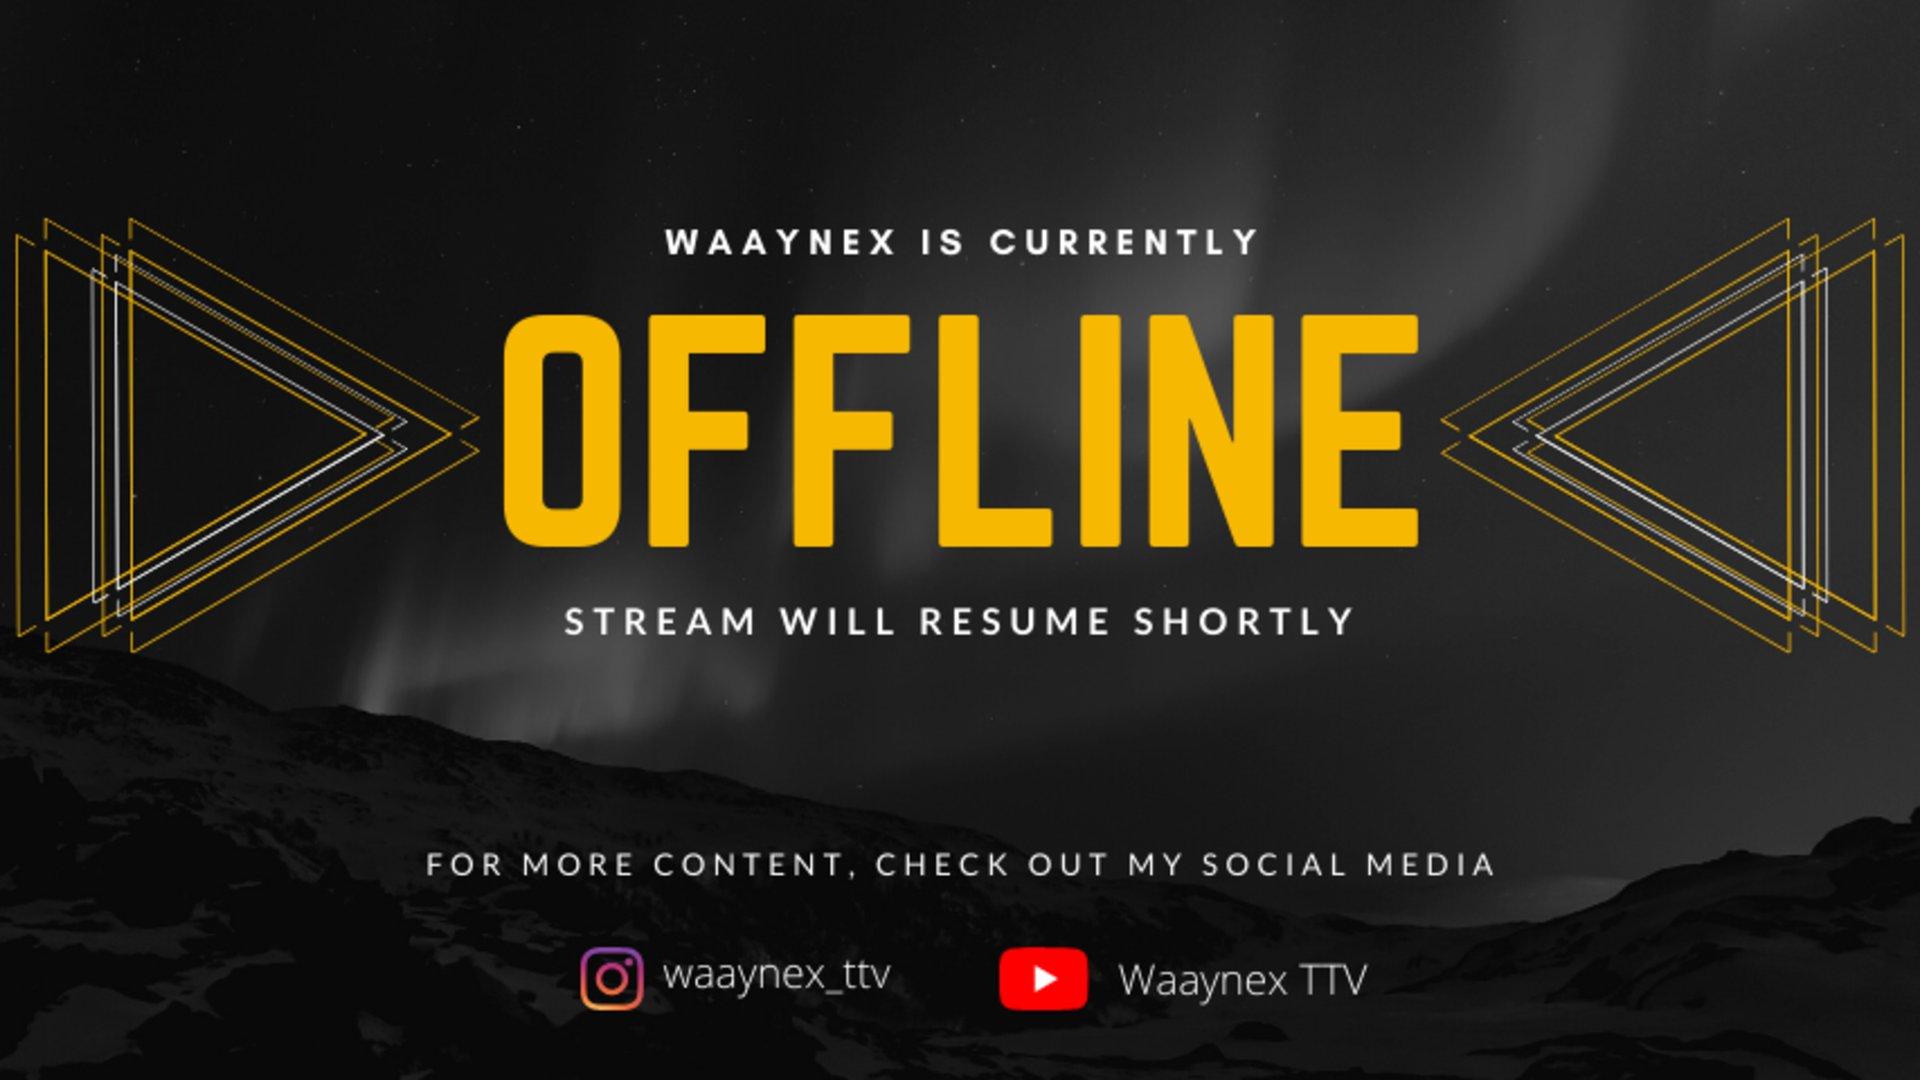 Twitch stream of Waaynex